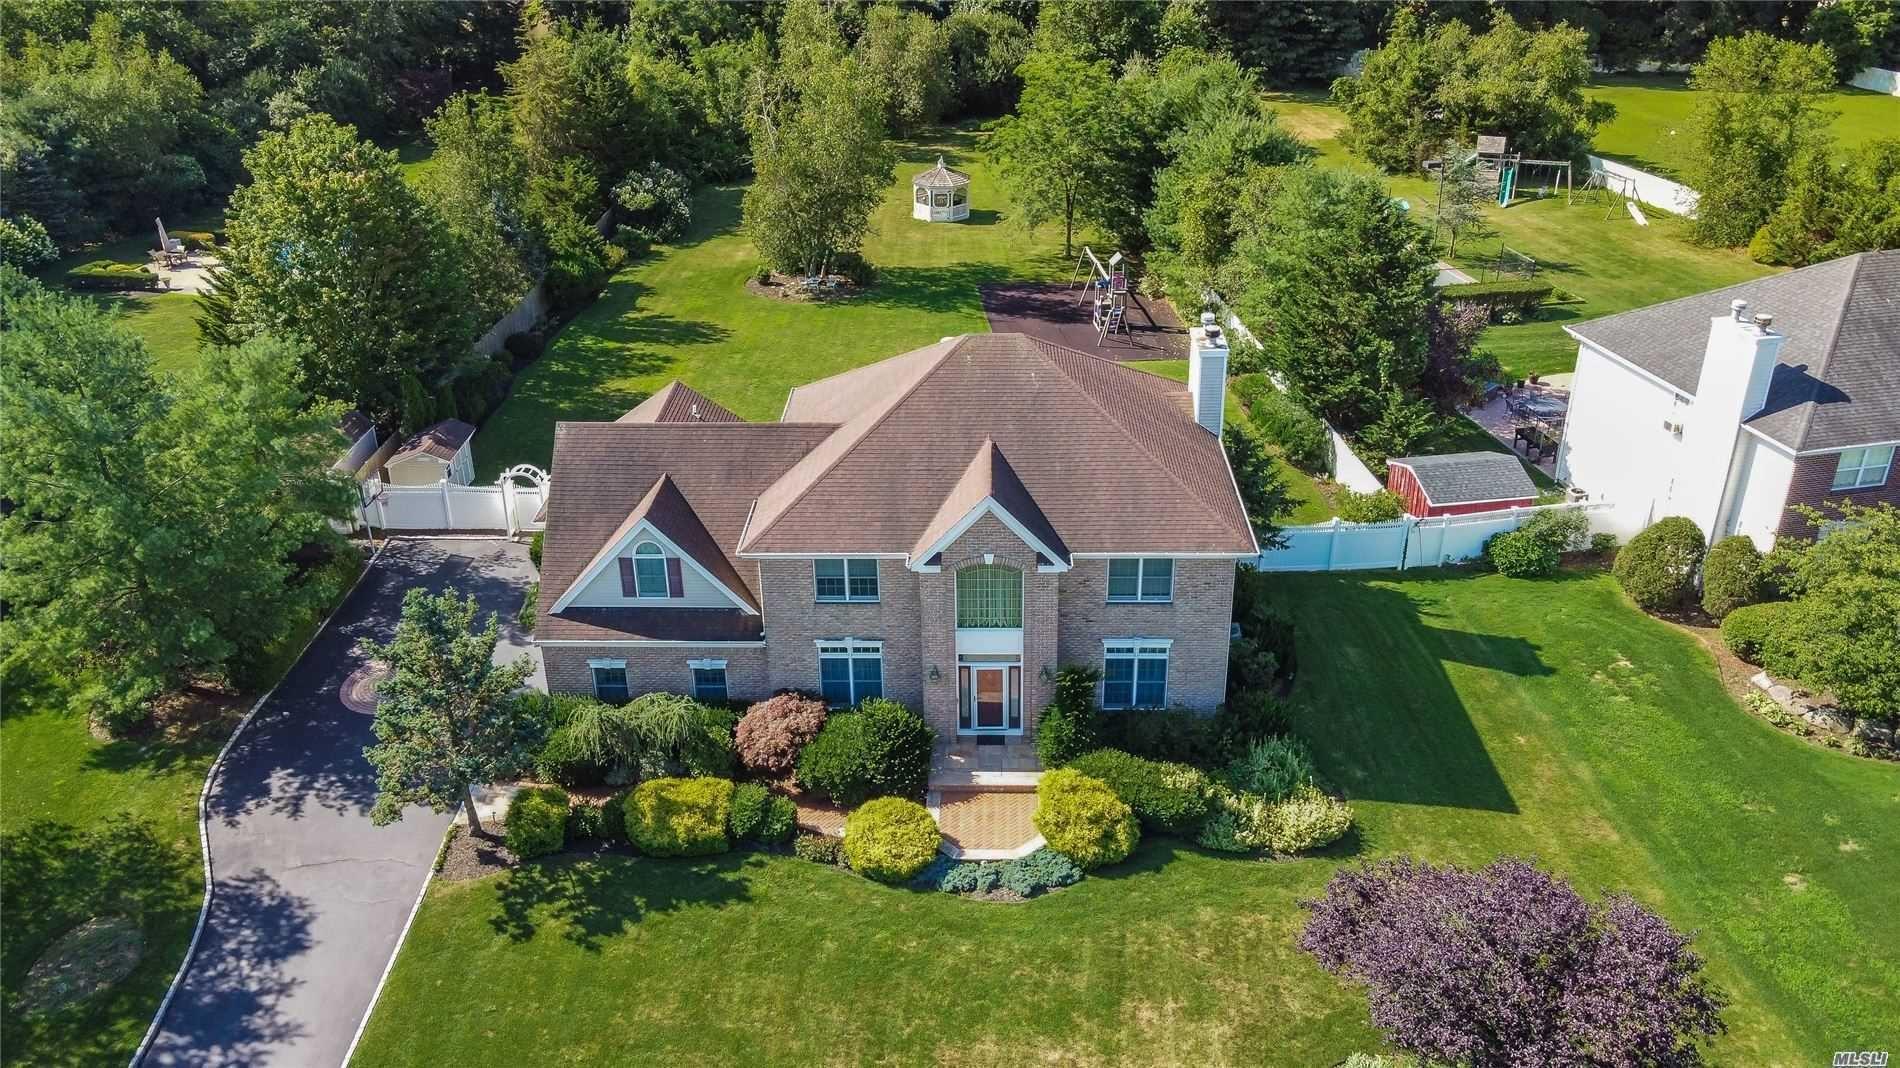 8 Timber Ridge Drive, Huntington, NY 11743 - MLS#: 3241342